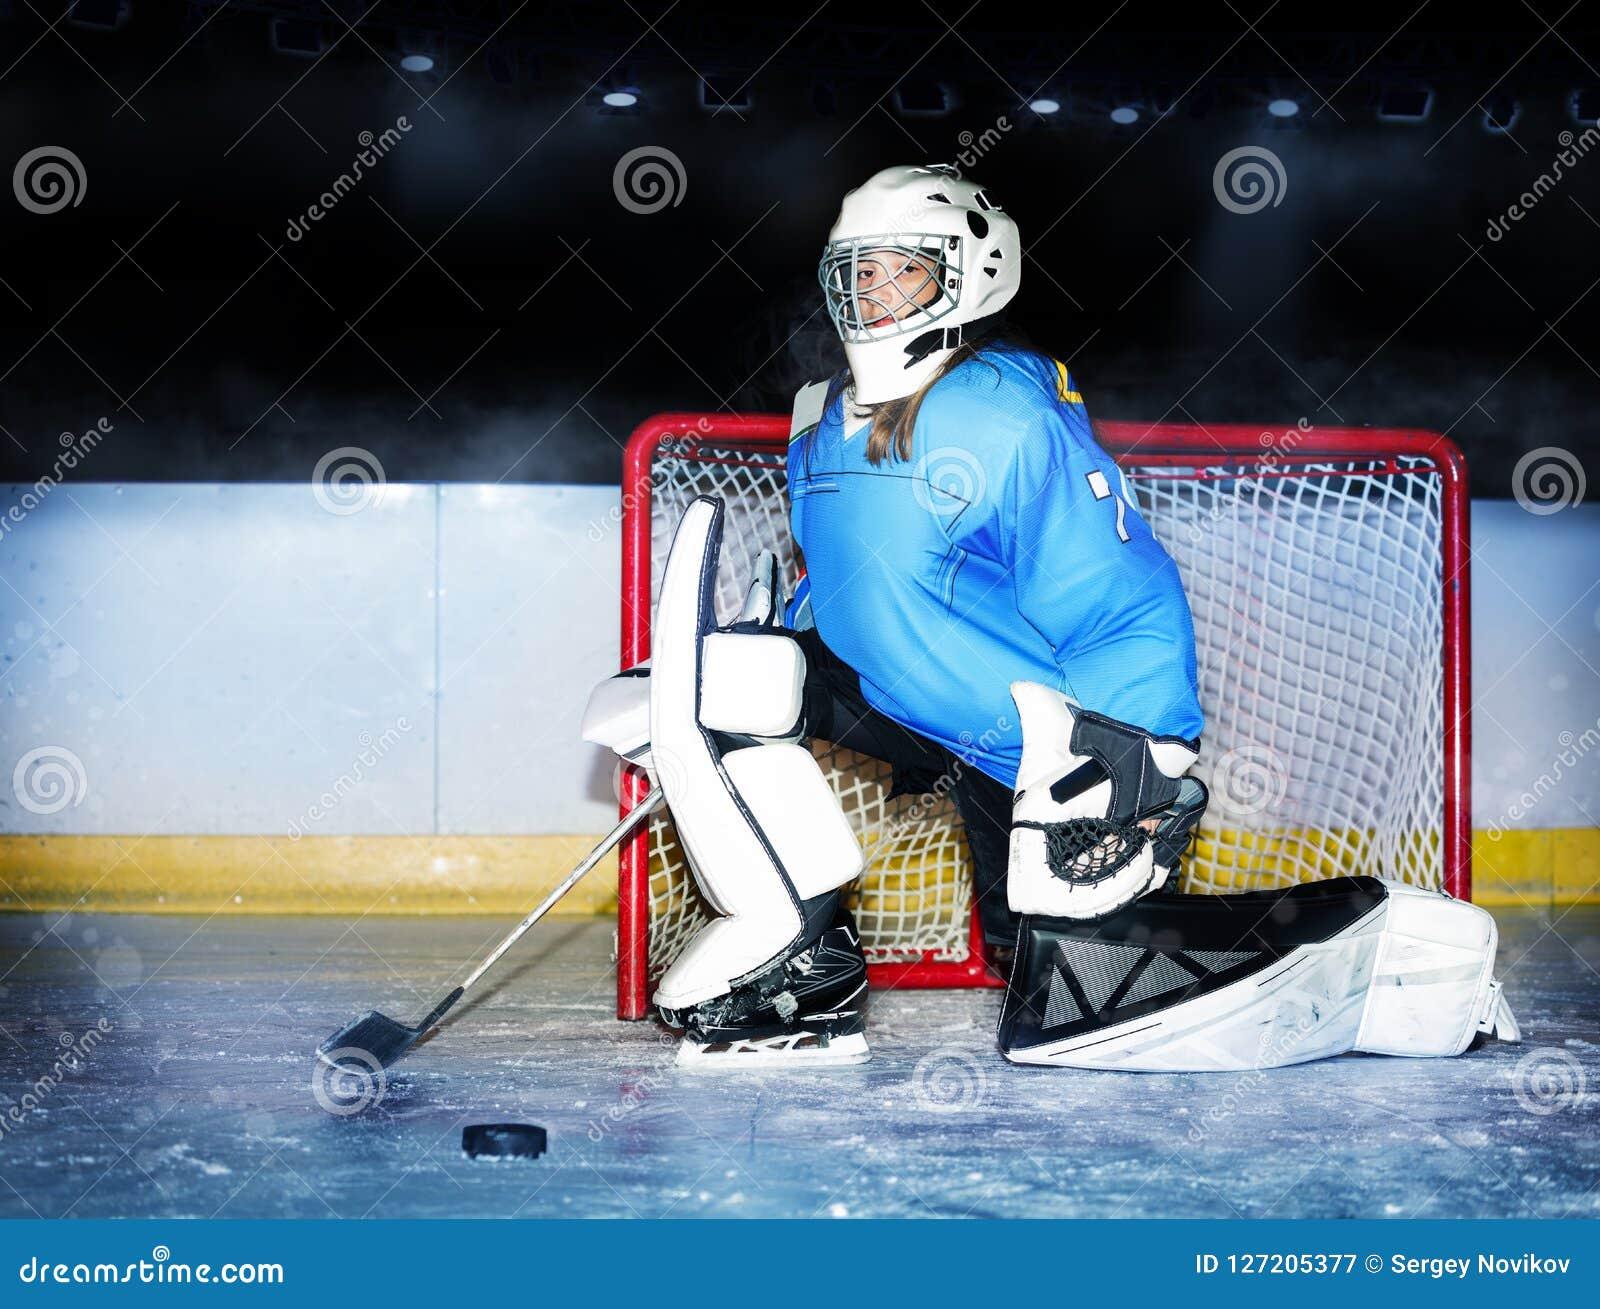 Girl Goaltender Protecting Net During Hockey Match Stock Image